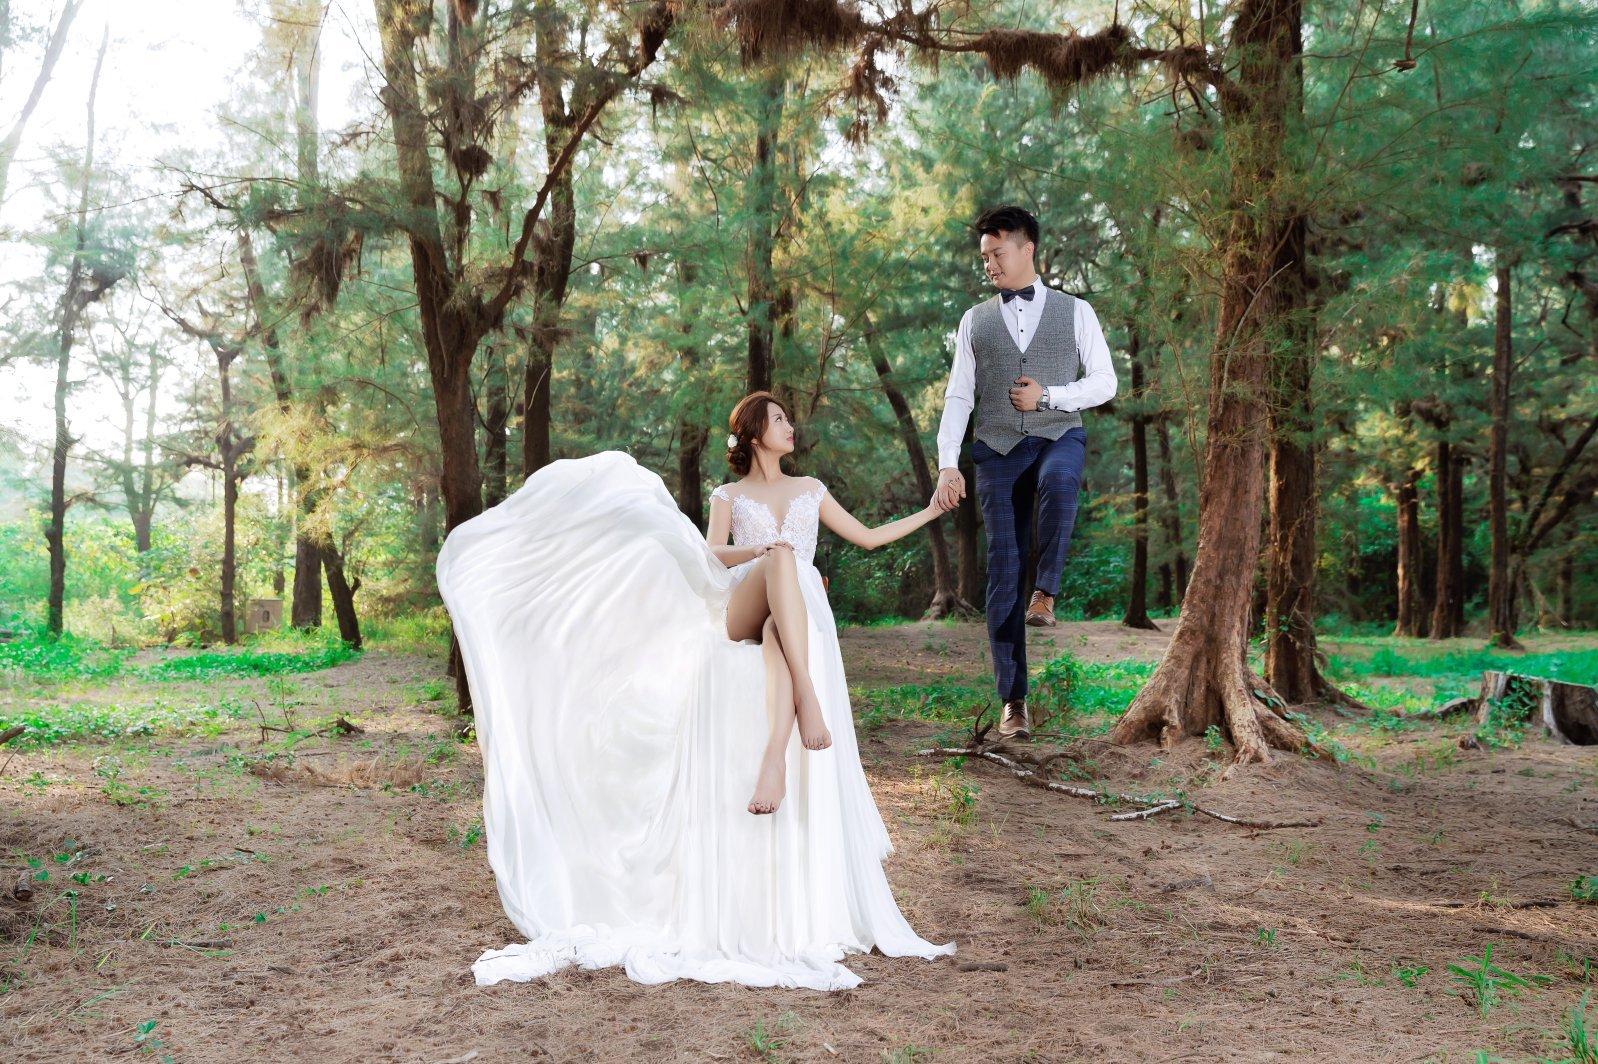 漂浮婚紗照,高雄自助婚紗,高雄婚紗工作室,高雄漂浮婚紗